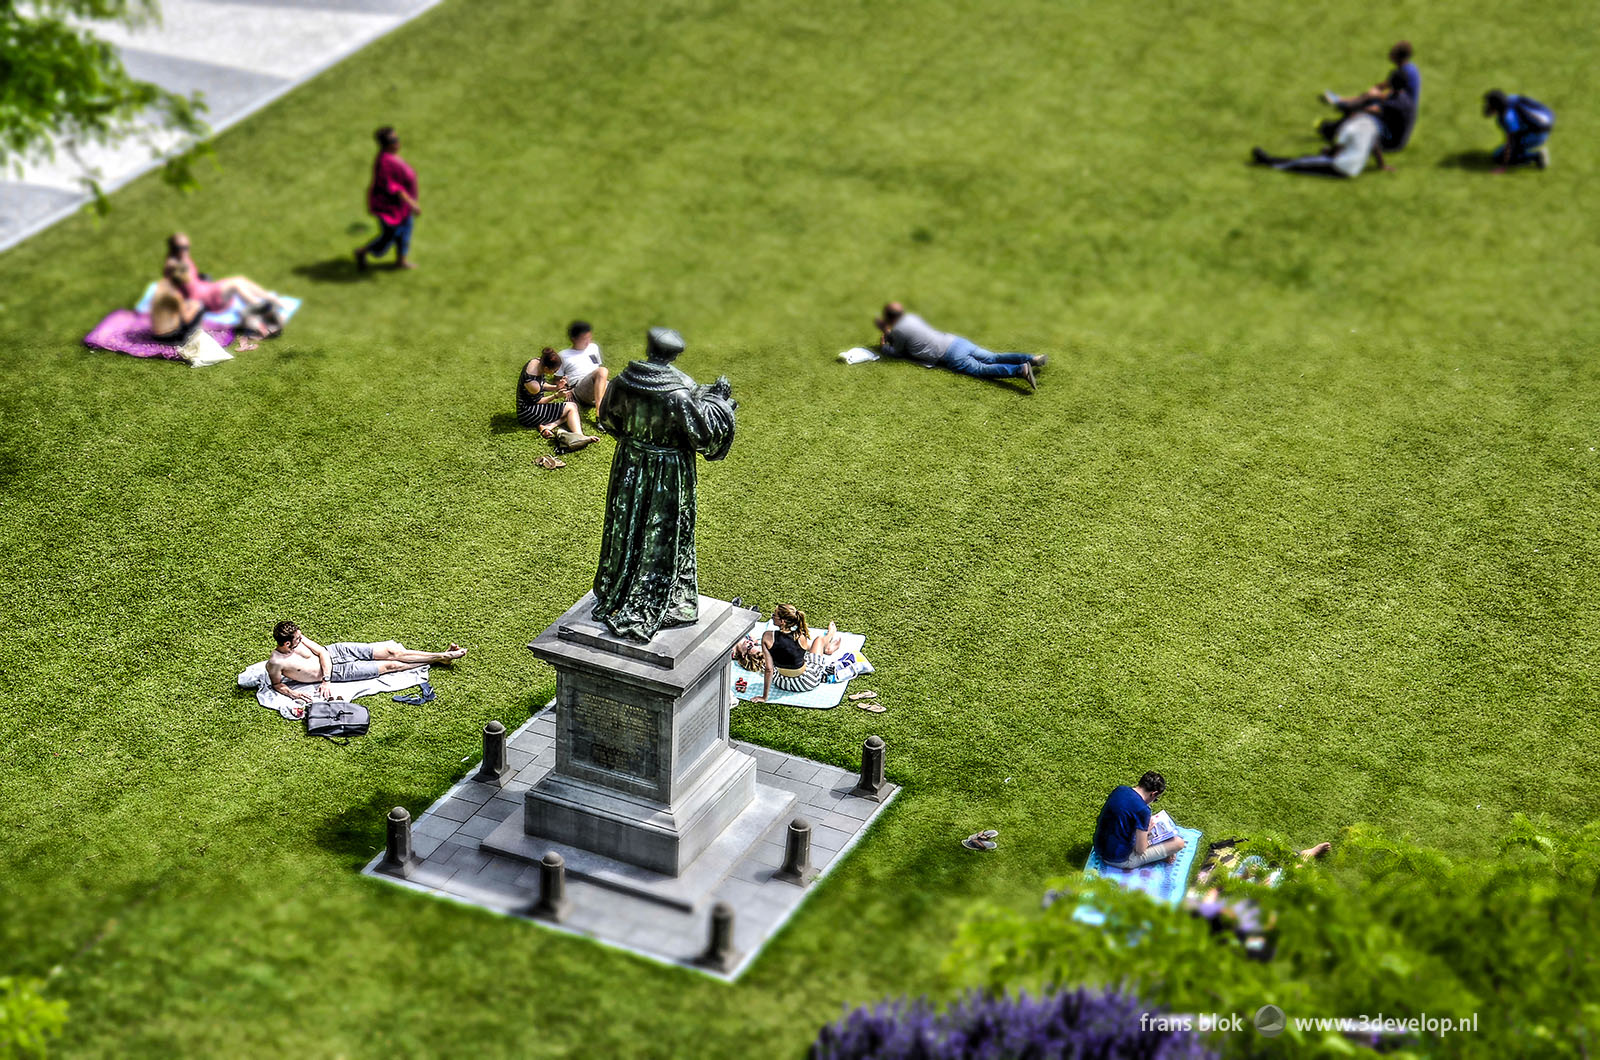 Standbeeld van Erasmus op het grasveld voor de Laurenskerk, gefotografeerd met het miniatuur- of Madurodam-effect